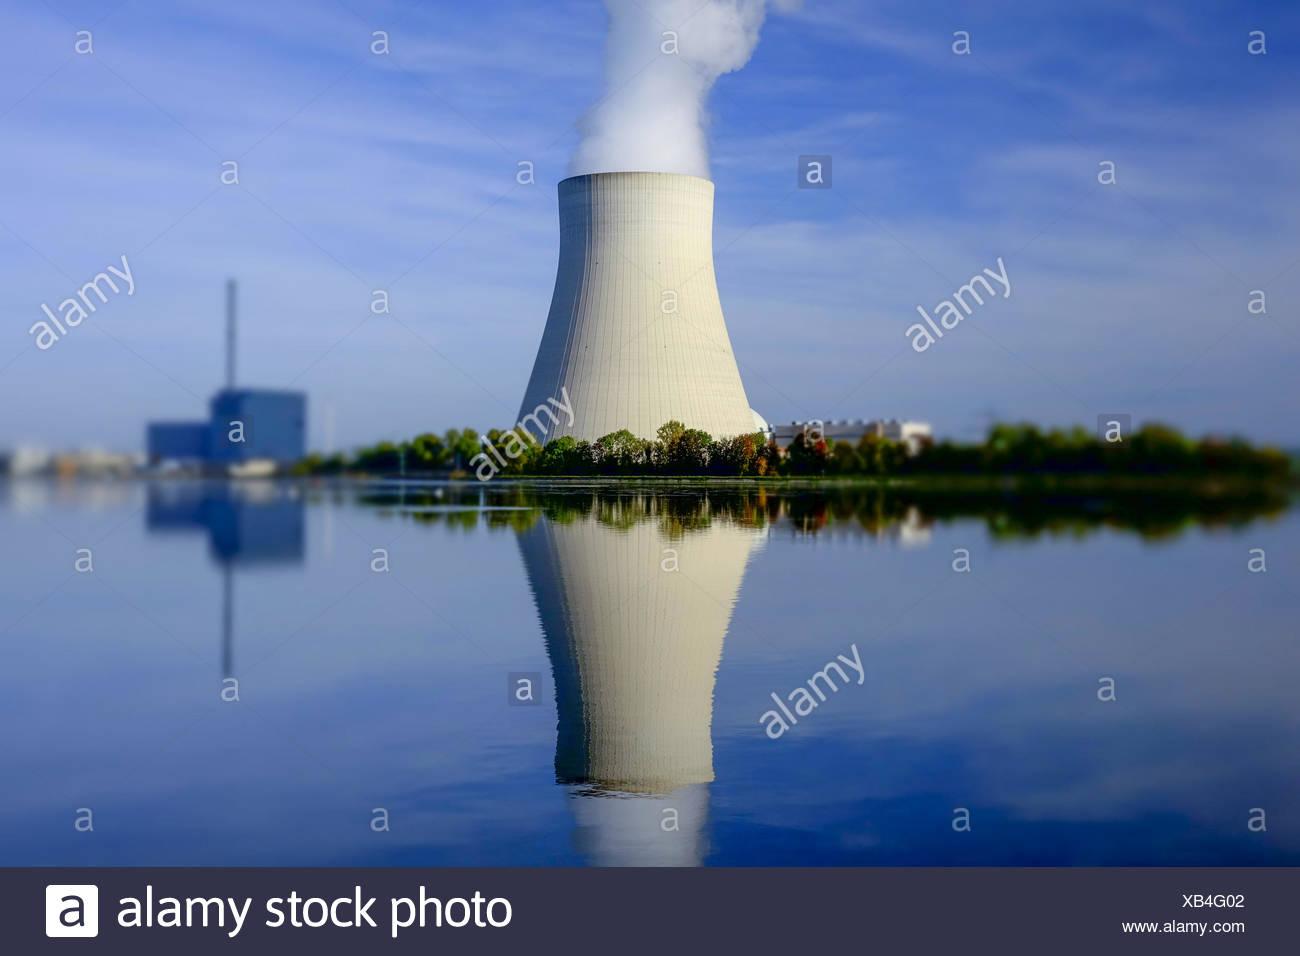 Atomkraftwerk Ohu bei Landshut, Bayern, Deutschland, Nuclear power plant Ohu near Landshut, Bavaria, Germany, Nuclear, Power, Pl - Stock Image